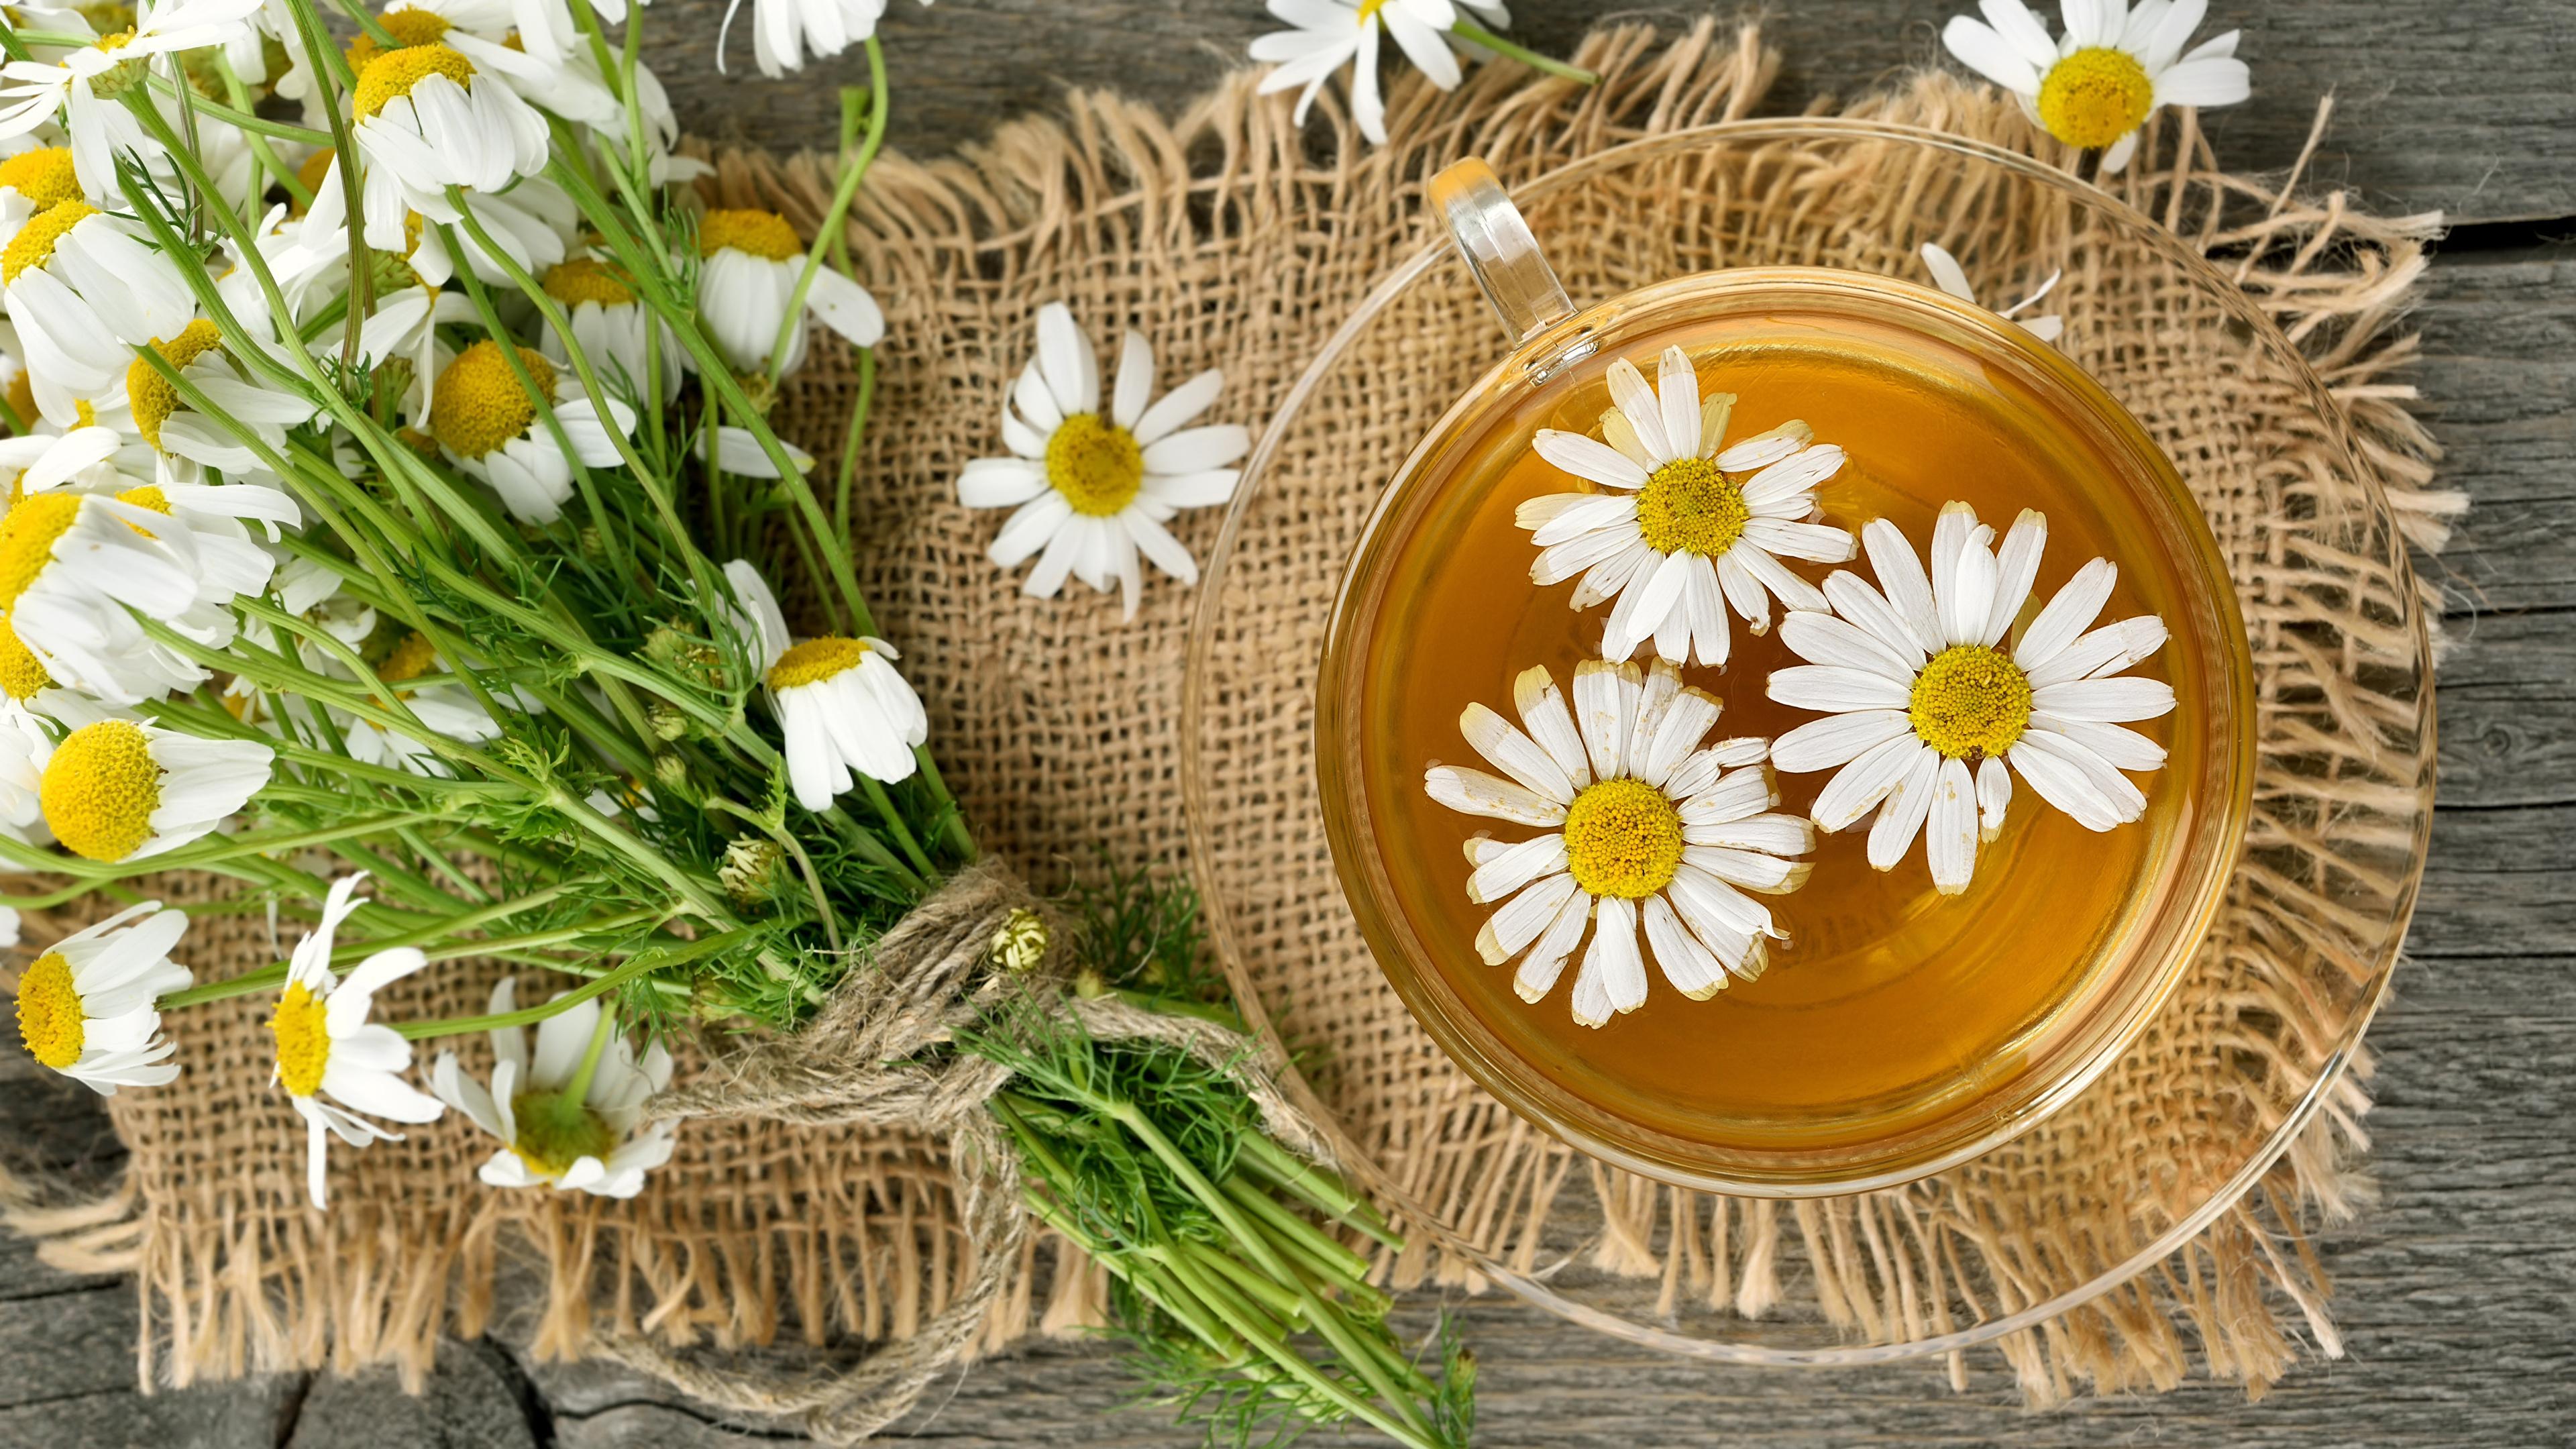 Фотография Чай Ромашки чашке Продукты питания 3840x2160 ромашка Еда Пища Чашка